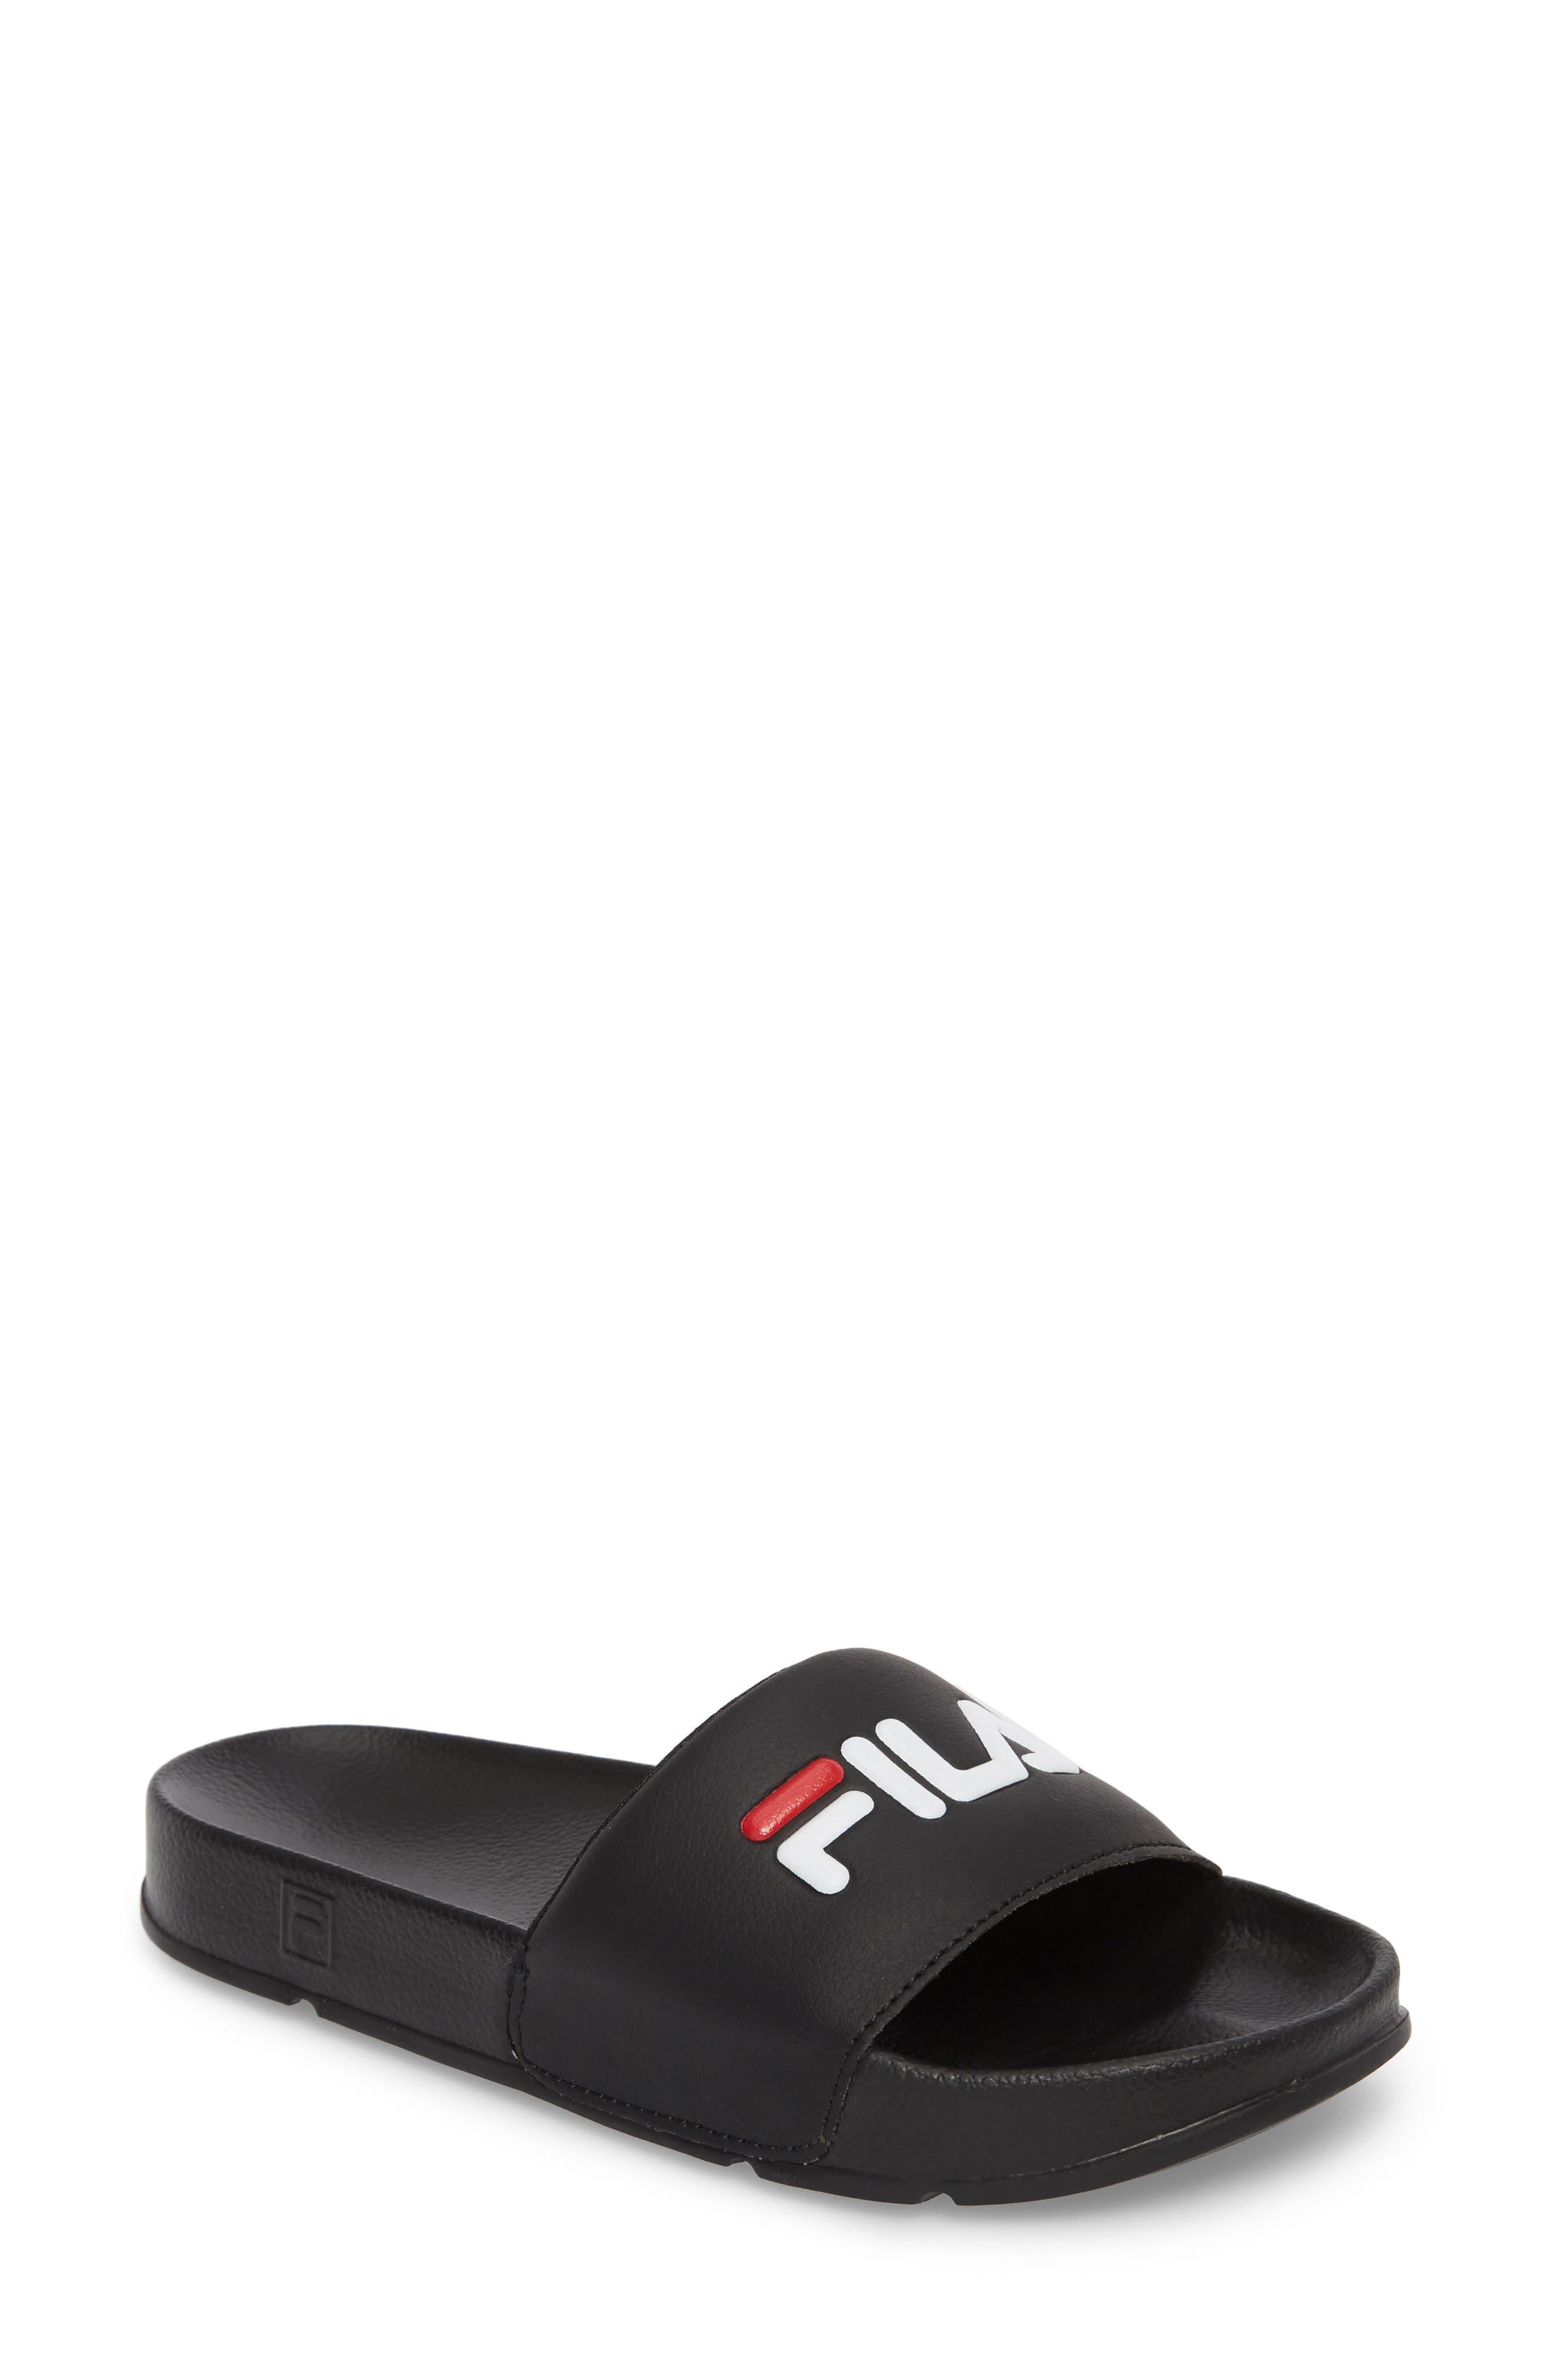 Alternate Image 1 Selected - FILA Drifter Slide Sandal (Women)